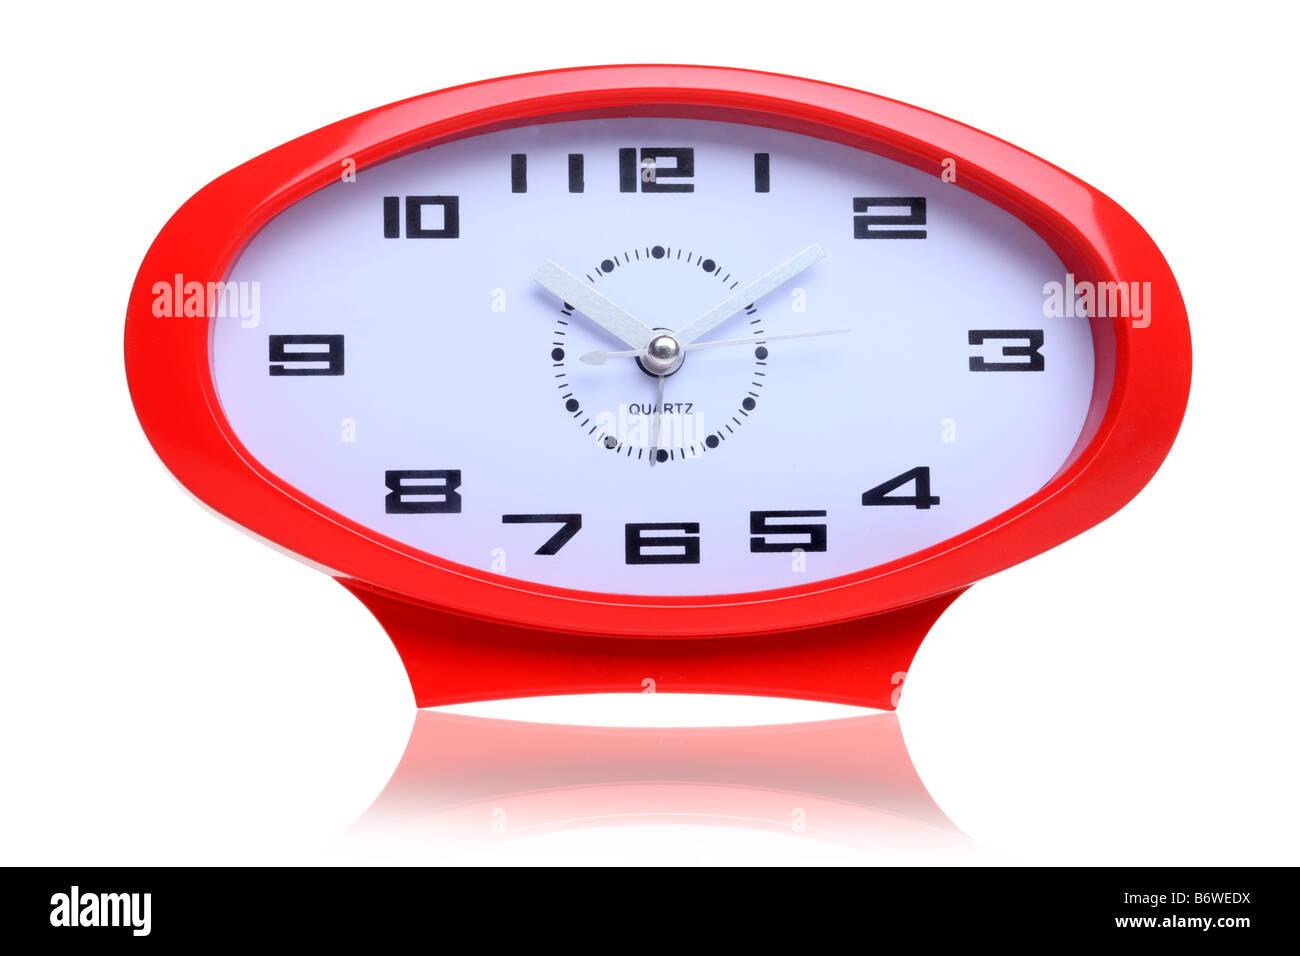 Horloge en forme ovale rétro rouge coupé isolé sur fond blanc Photo Stock